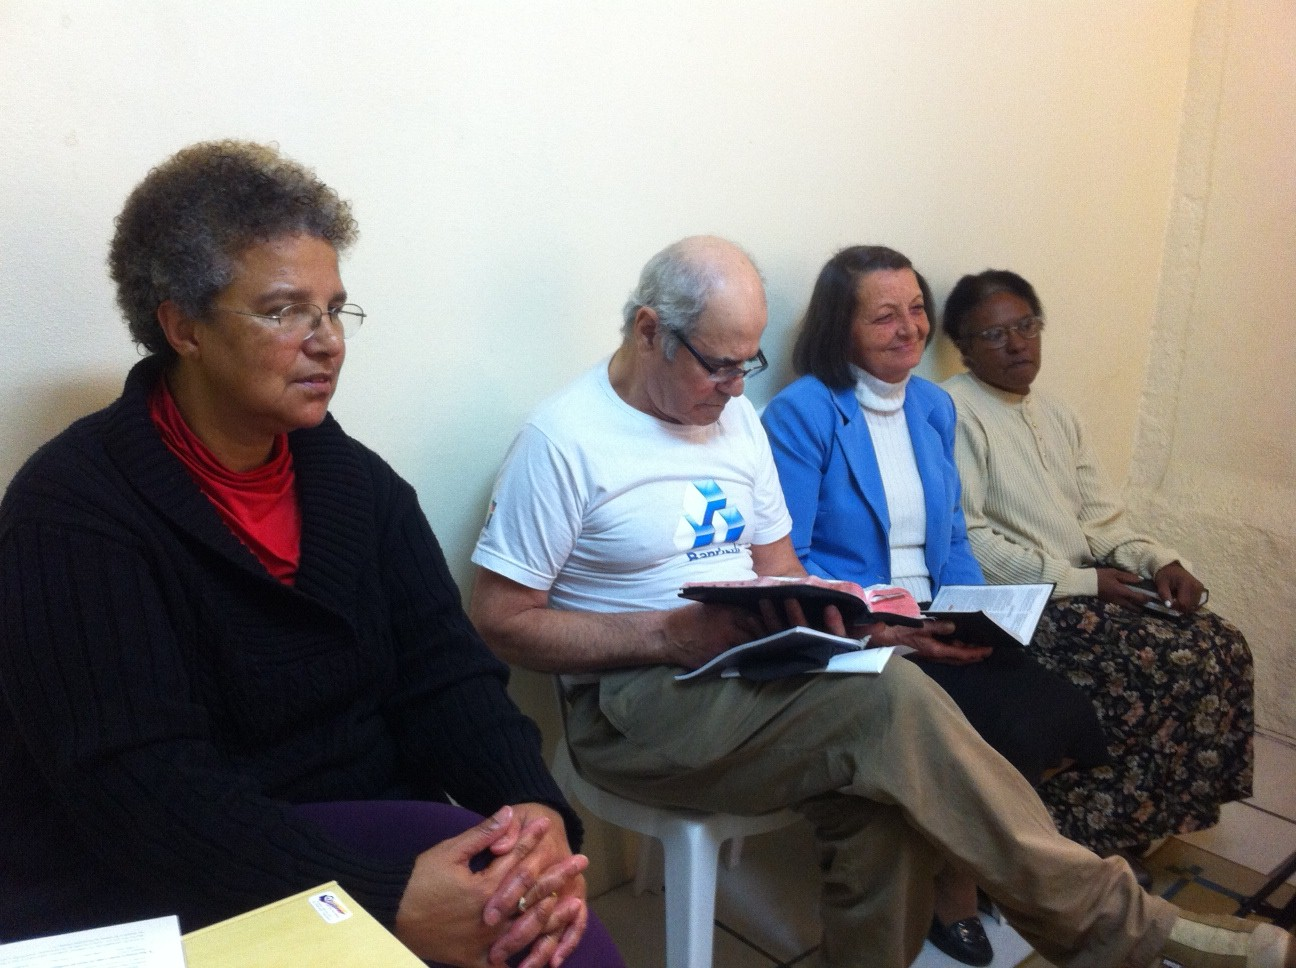 Devido ao numero de interessados por estudos da Bíblia que chegam até a igreja central de Pelotas através da TV Novo Tempo, foi necessário a criação de duas classes para estudos bíblicos semanais.